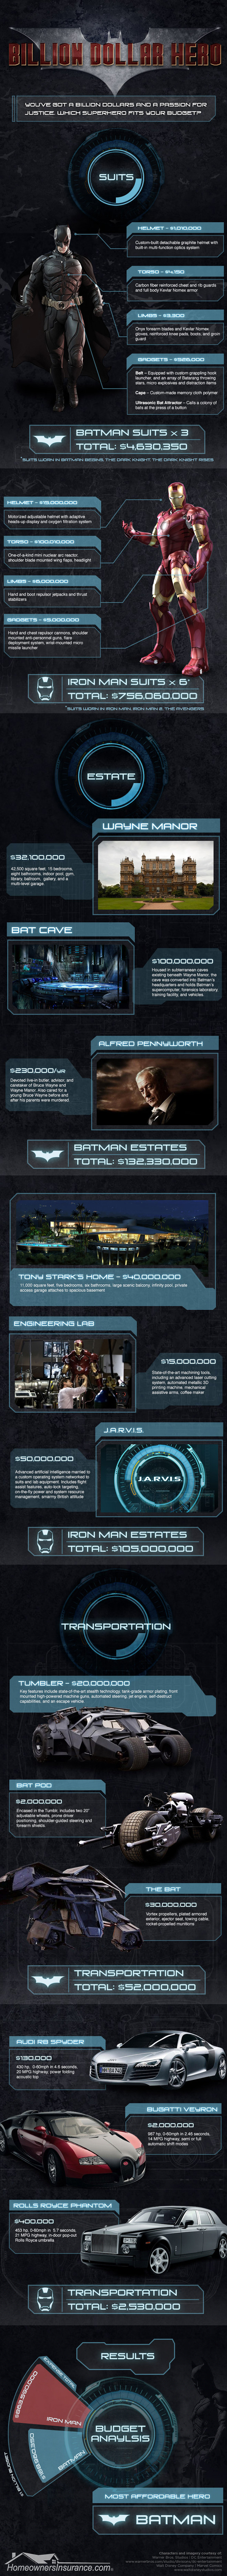 Batman-vs-Iron-Man-Billion-Dollar-Hero